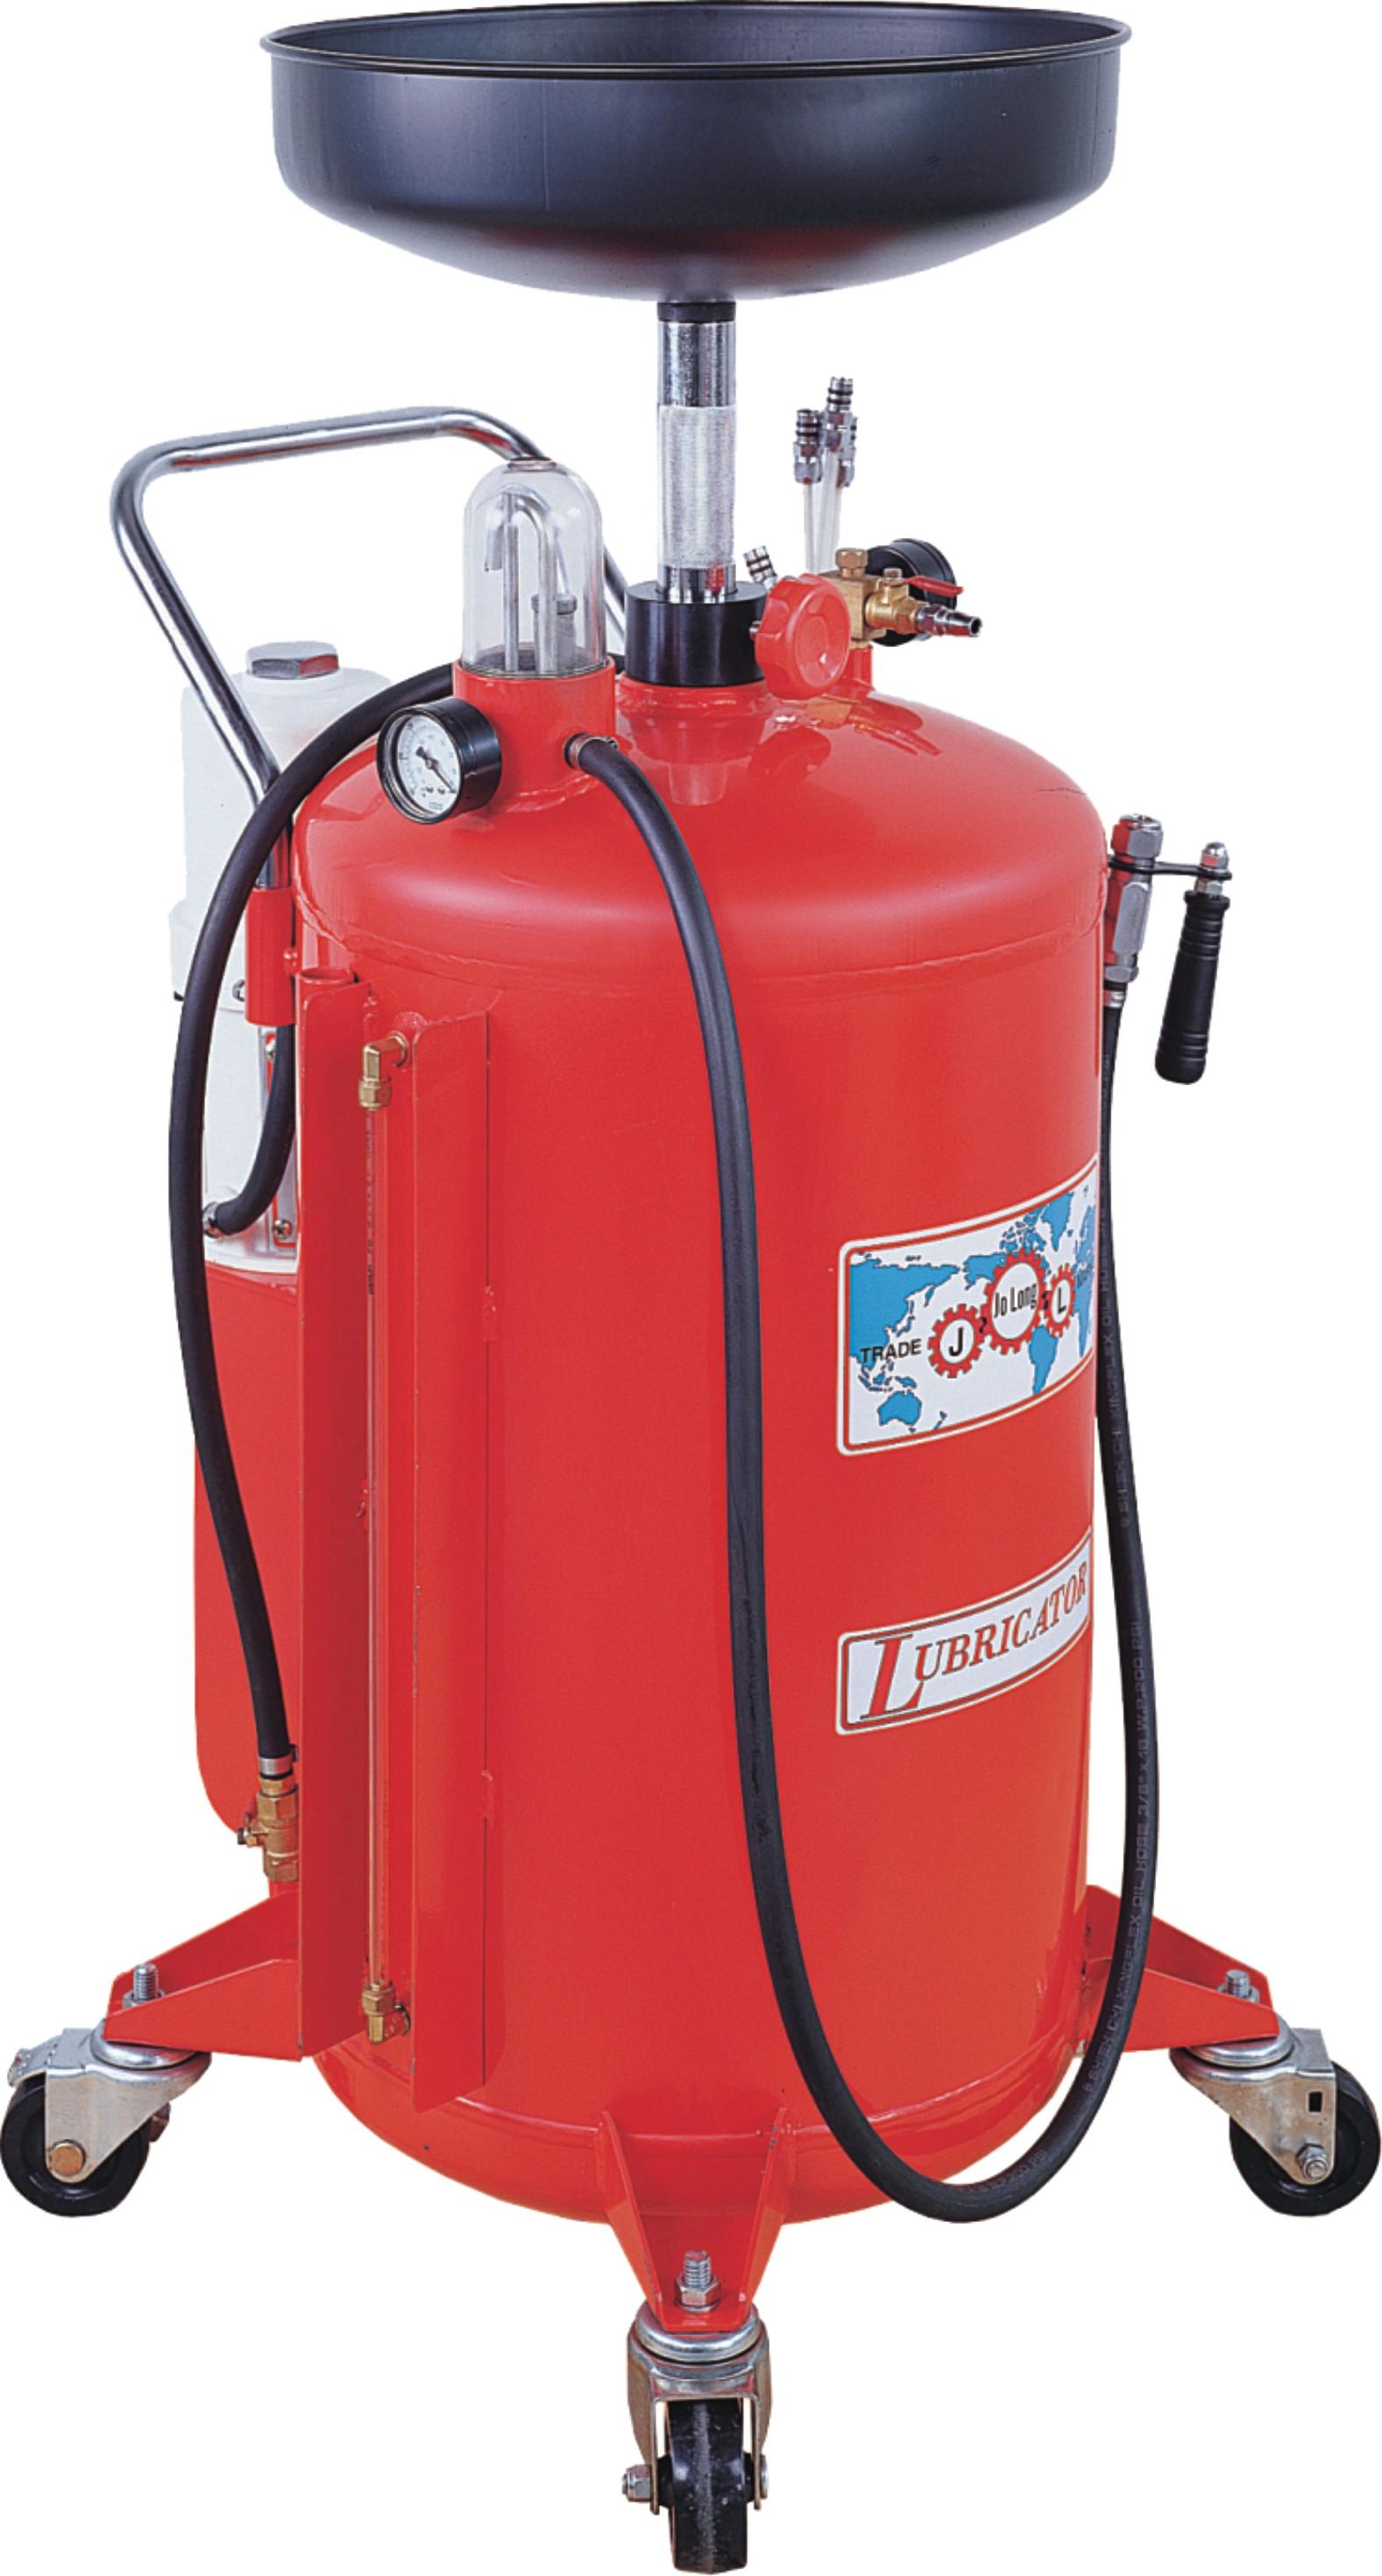 氣動強力吸油機-久隆機械工業有限公司